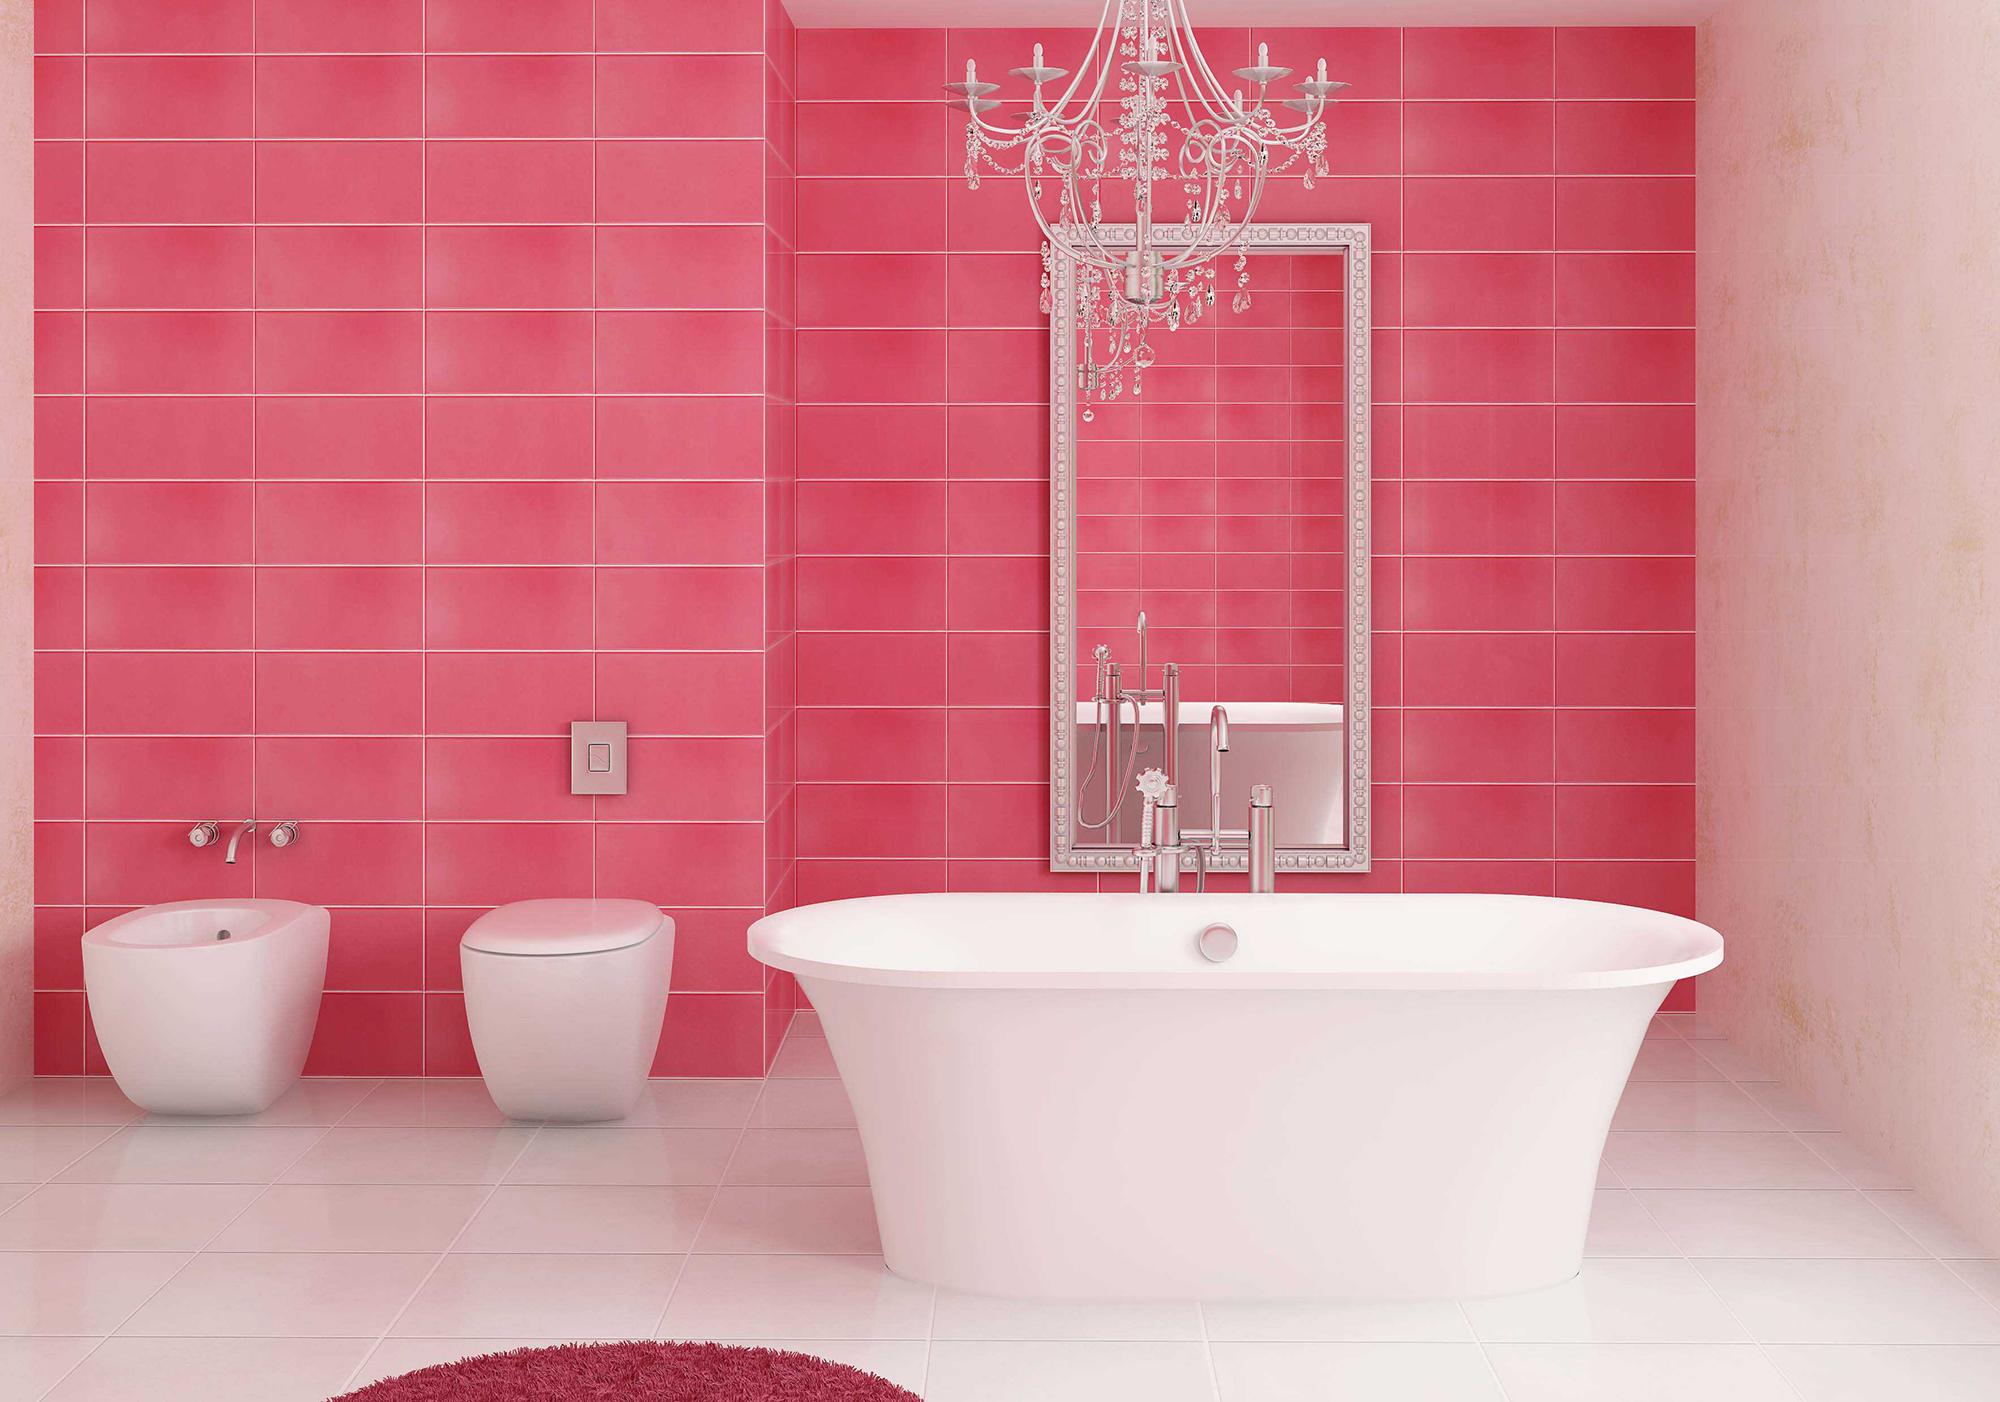 Розовая плитка и коврик в ванной